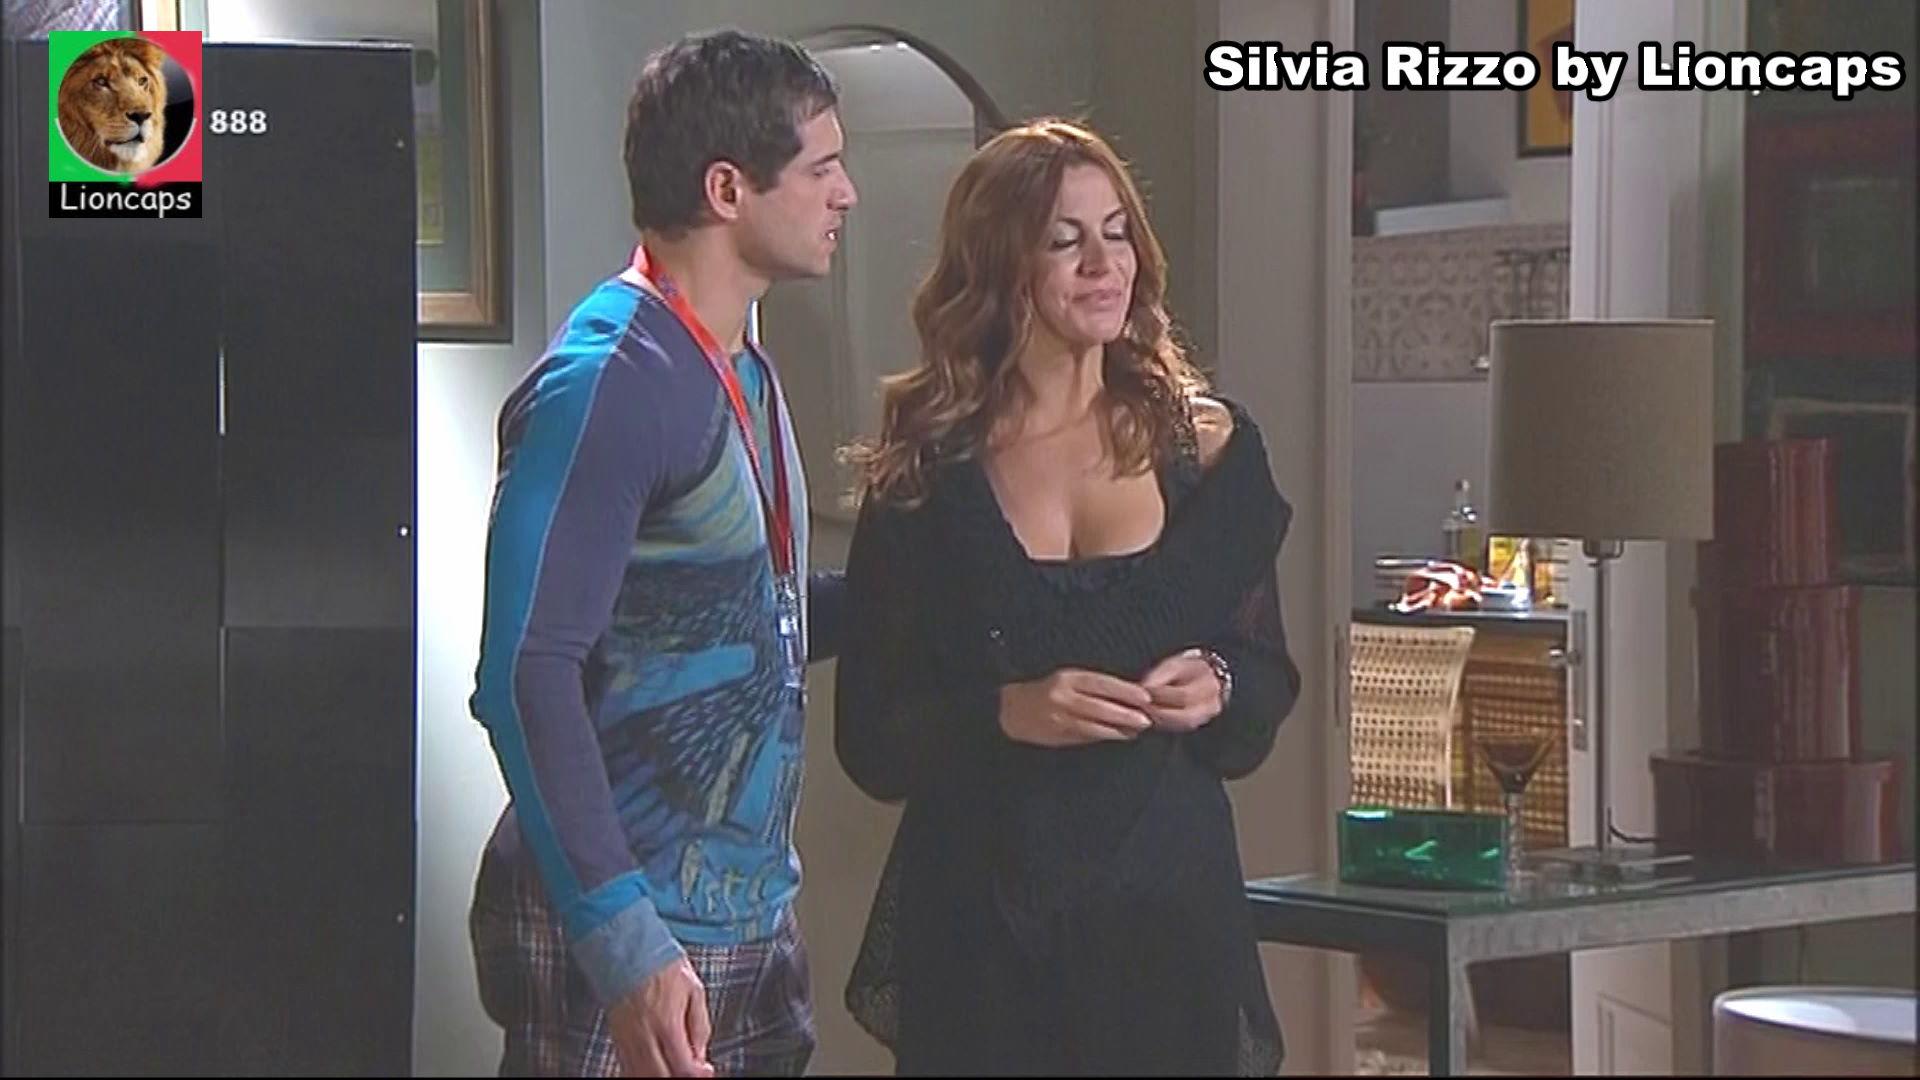 878373759_silvia_rizzo_vs181215_1038_122_99lo.JPG